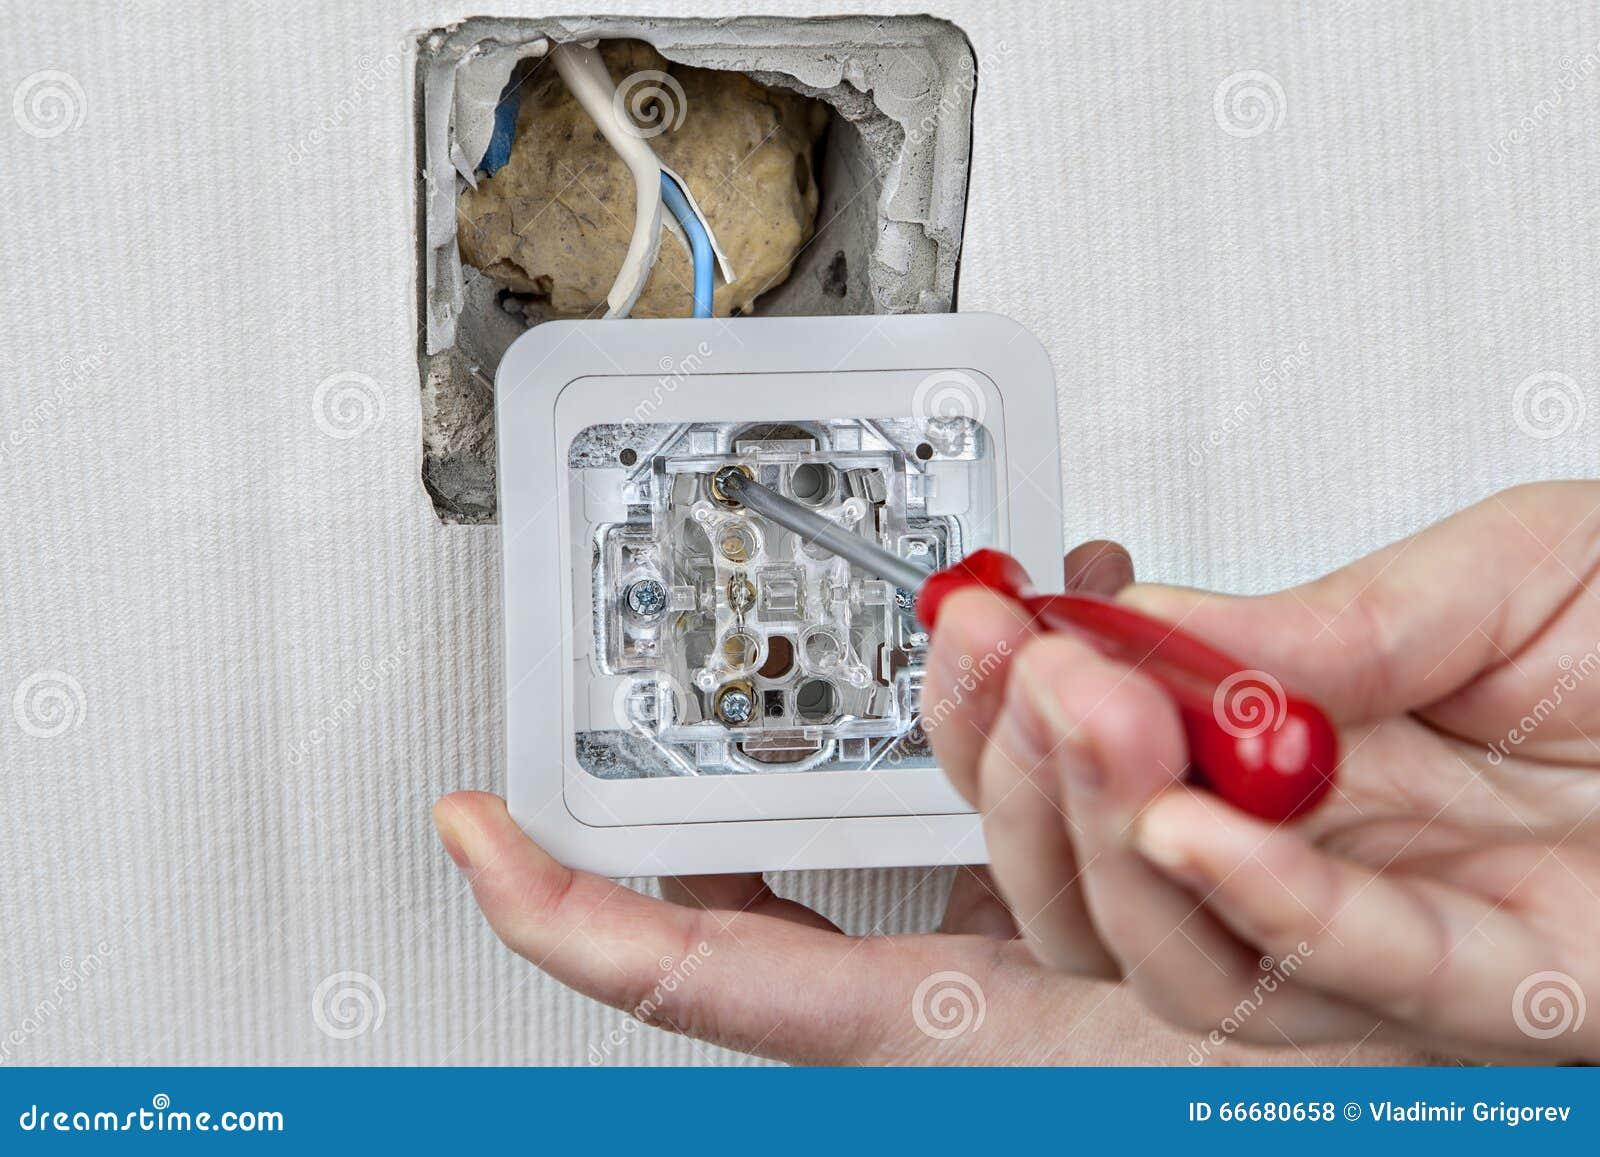 Instale el interruptor de la luz de la pared, conecte con el cableado eléctrico, apriete